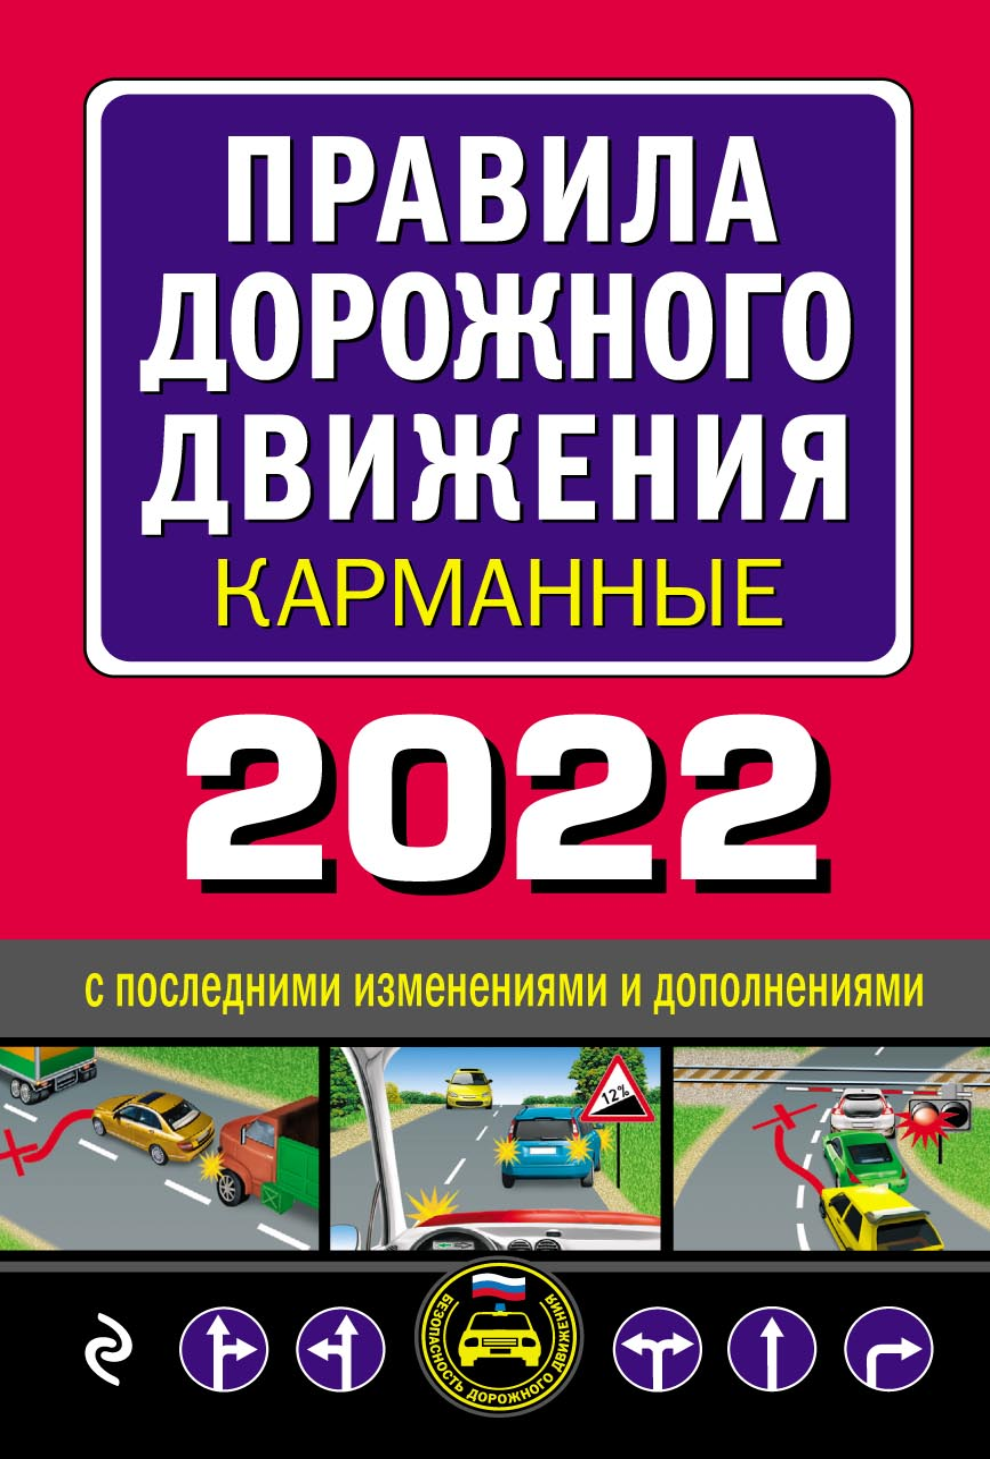 Отсутствует Правила дорожного движения 2019 карманные с последними изменениями правила дорожного движения 2018 карманные с последними изменениями и дополнениями